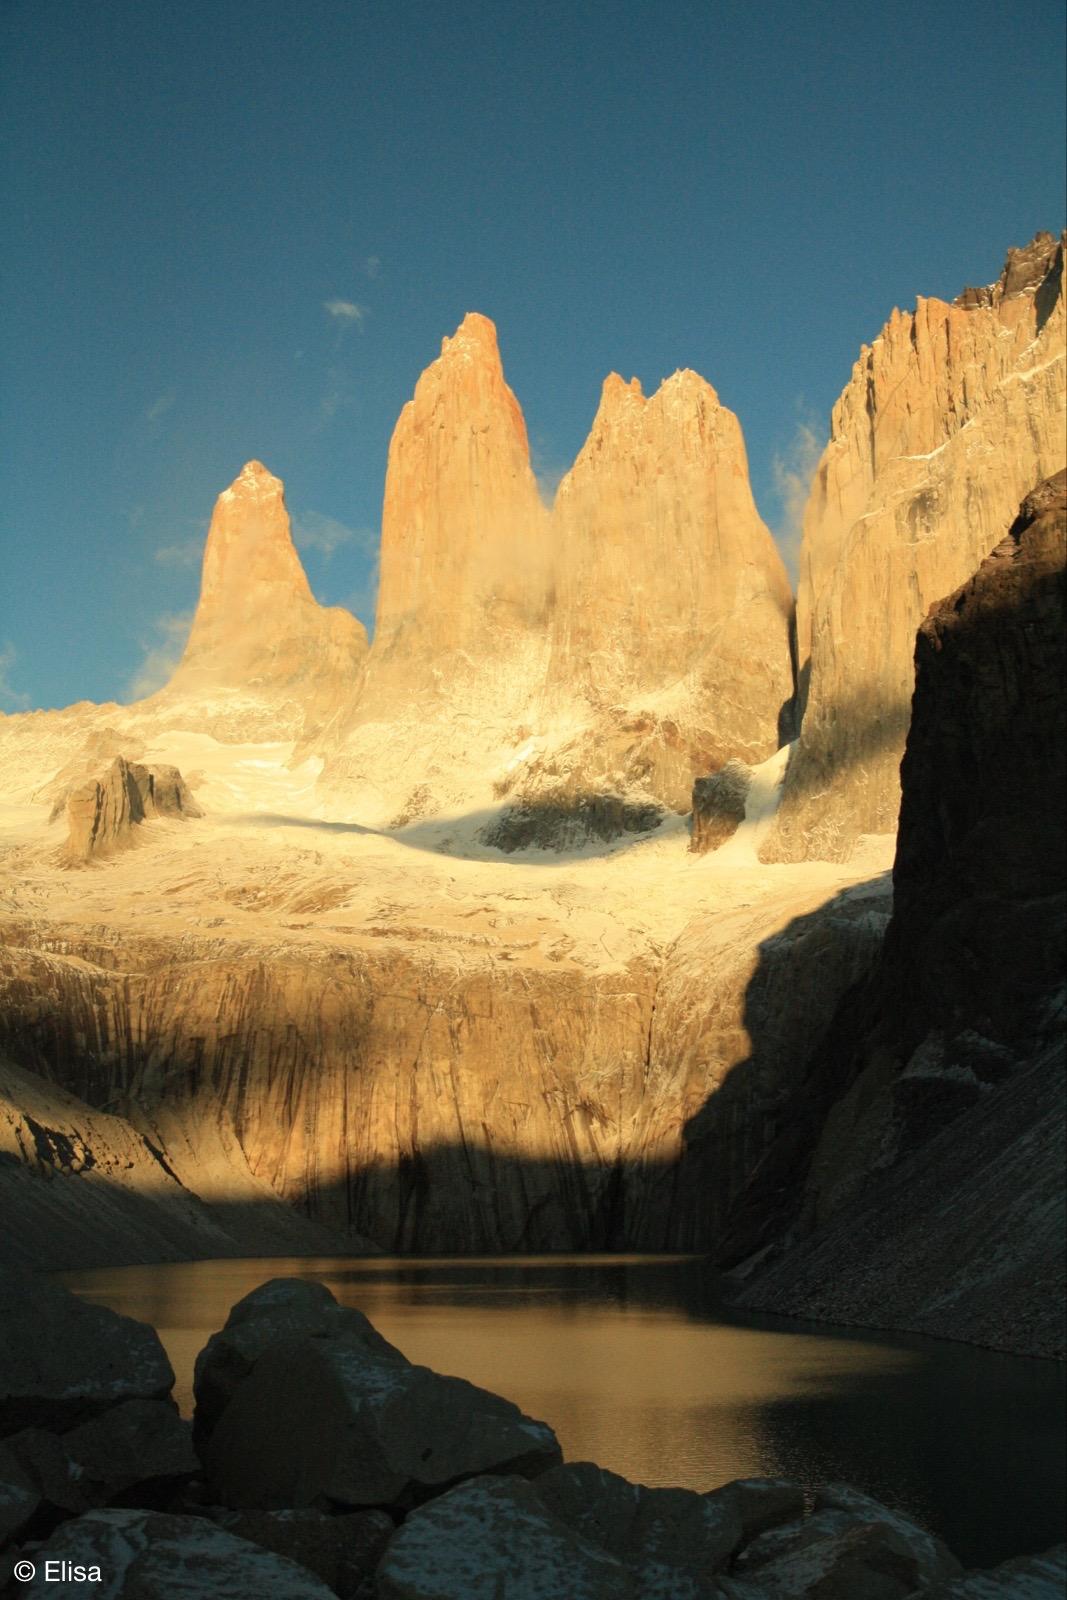 Das grosse Finale - die 3 Torres im Nationalpark